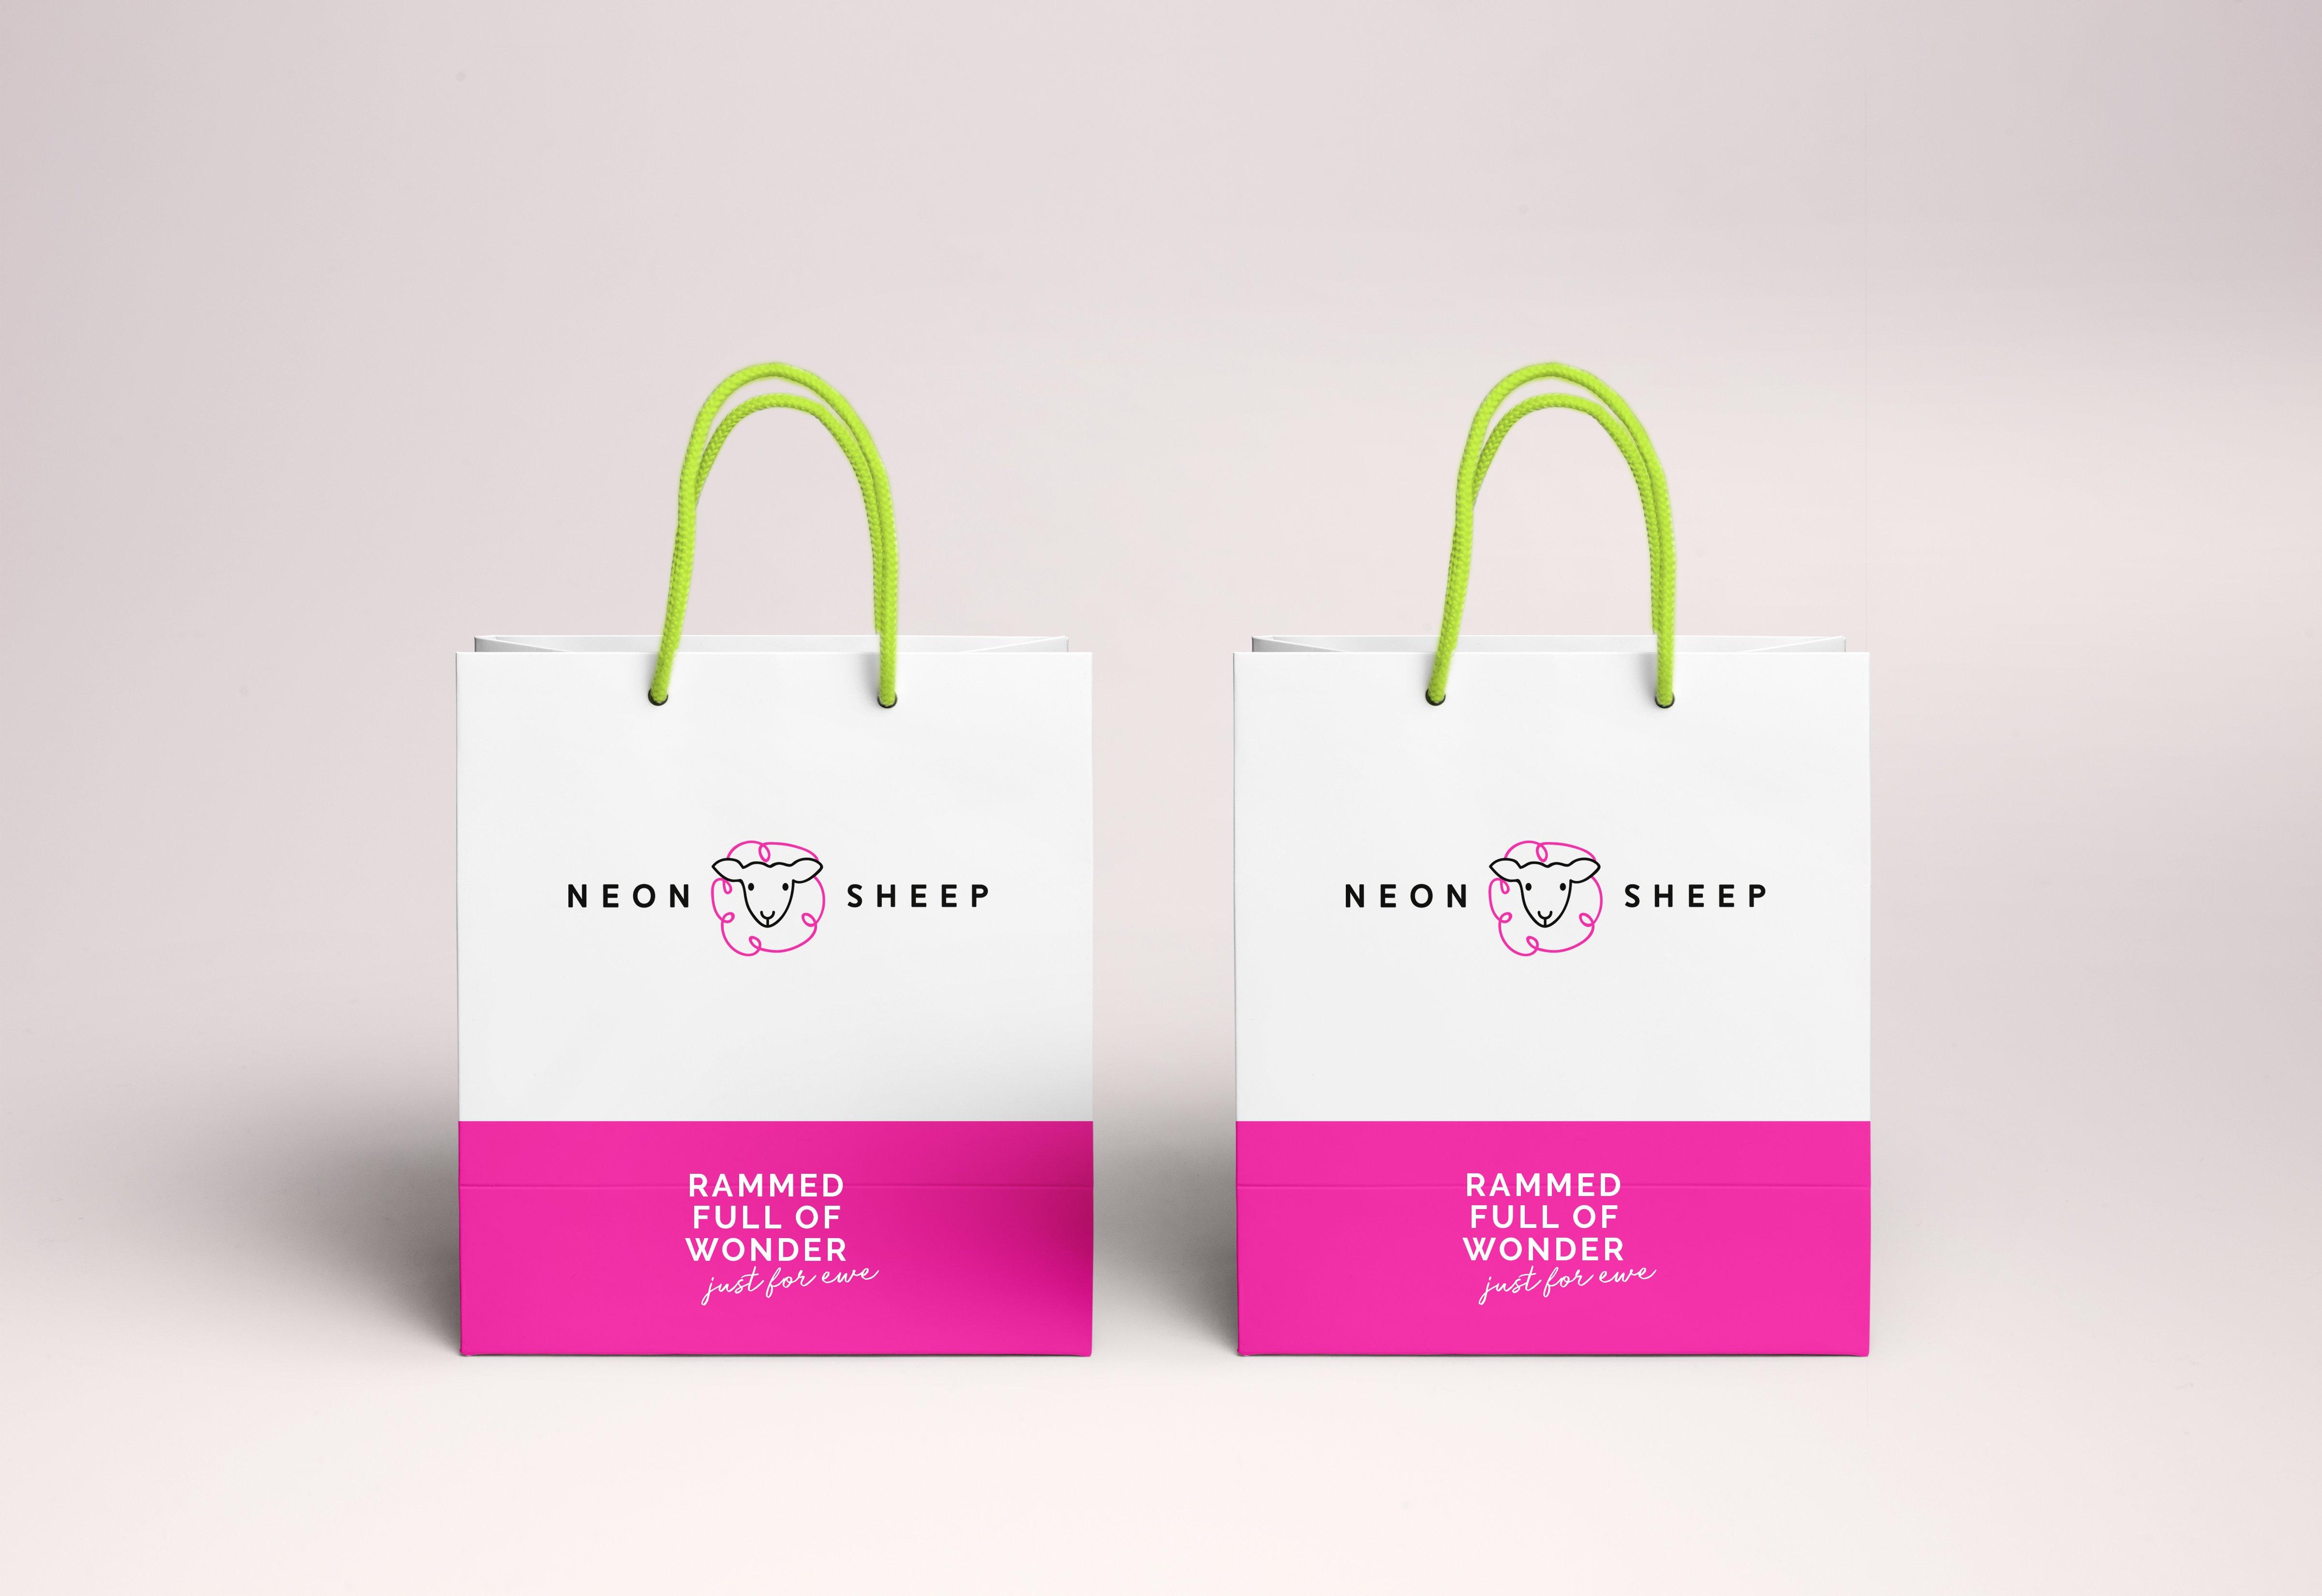 beyond london Neon Sheep branding packaging bags